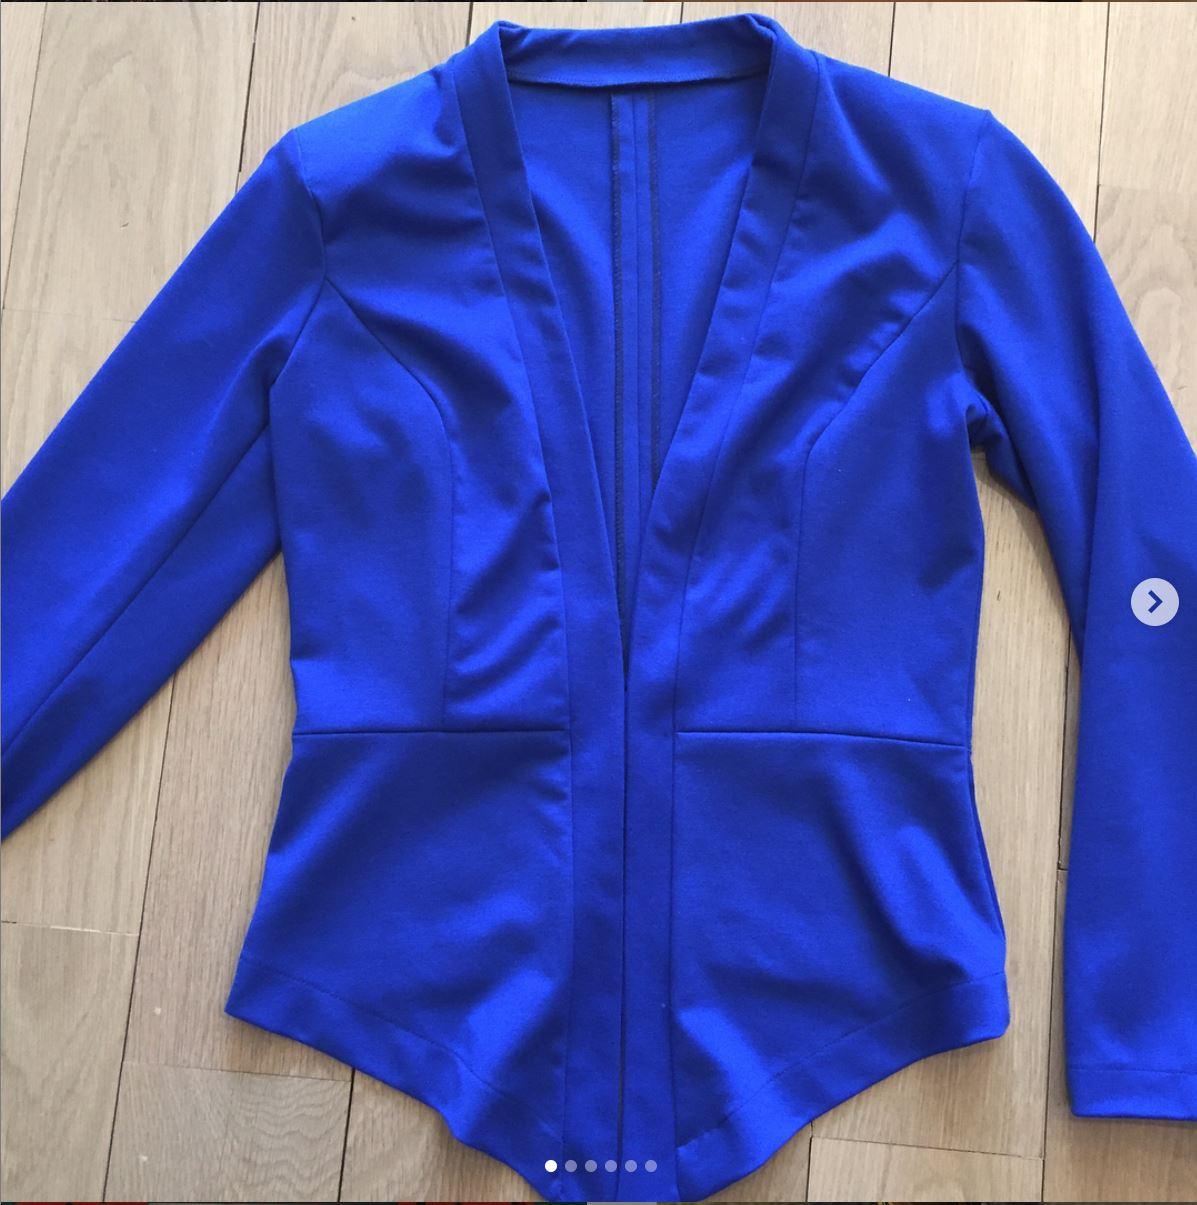 Cobalt blue jacket